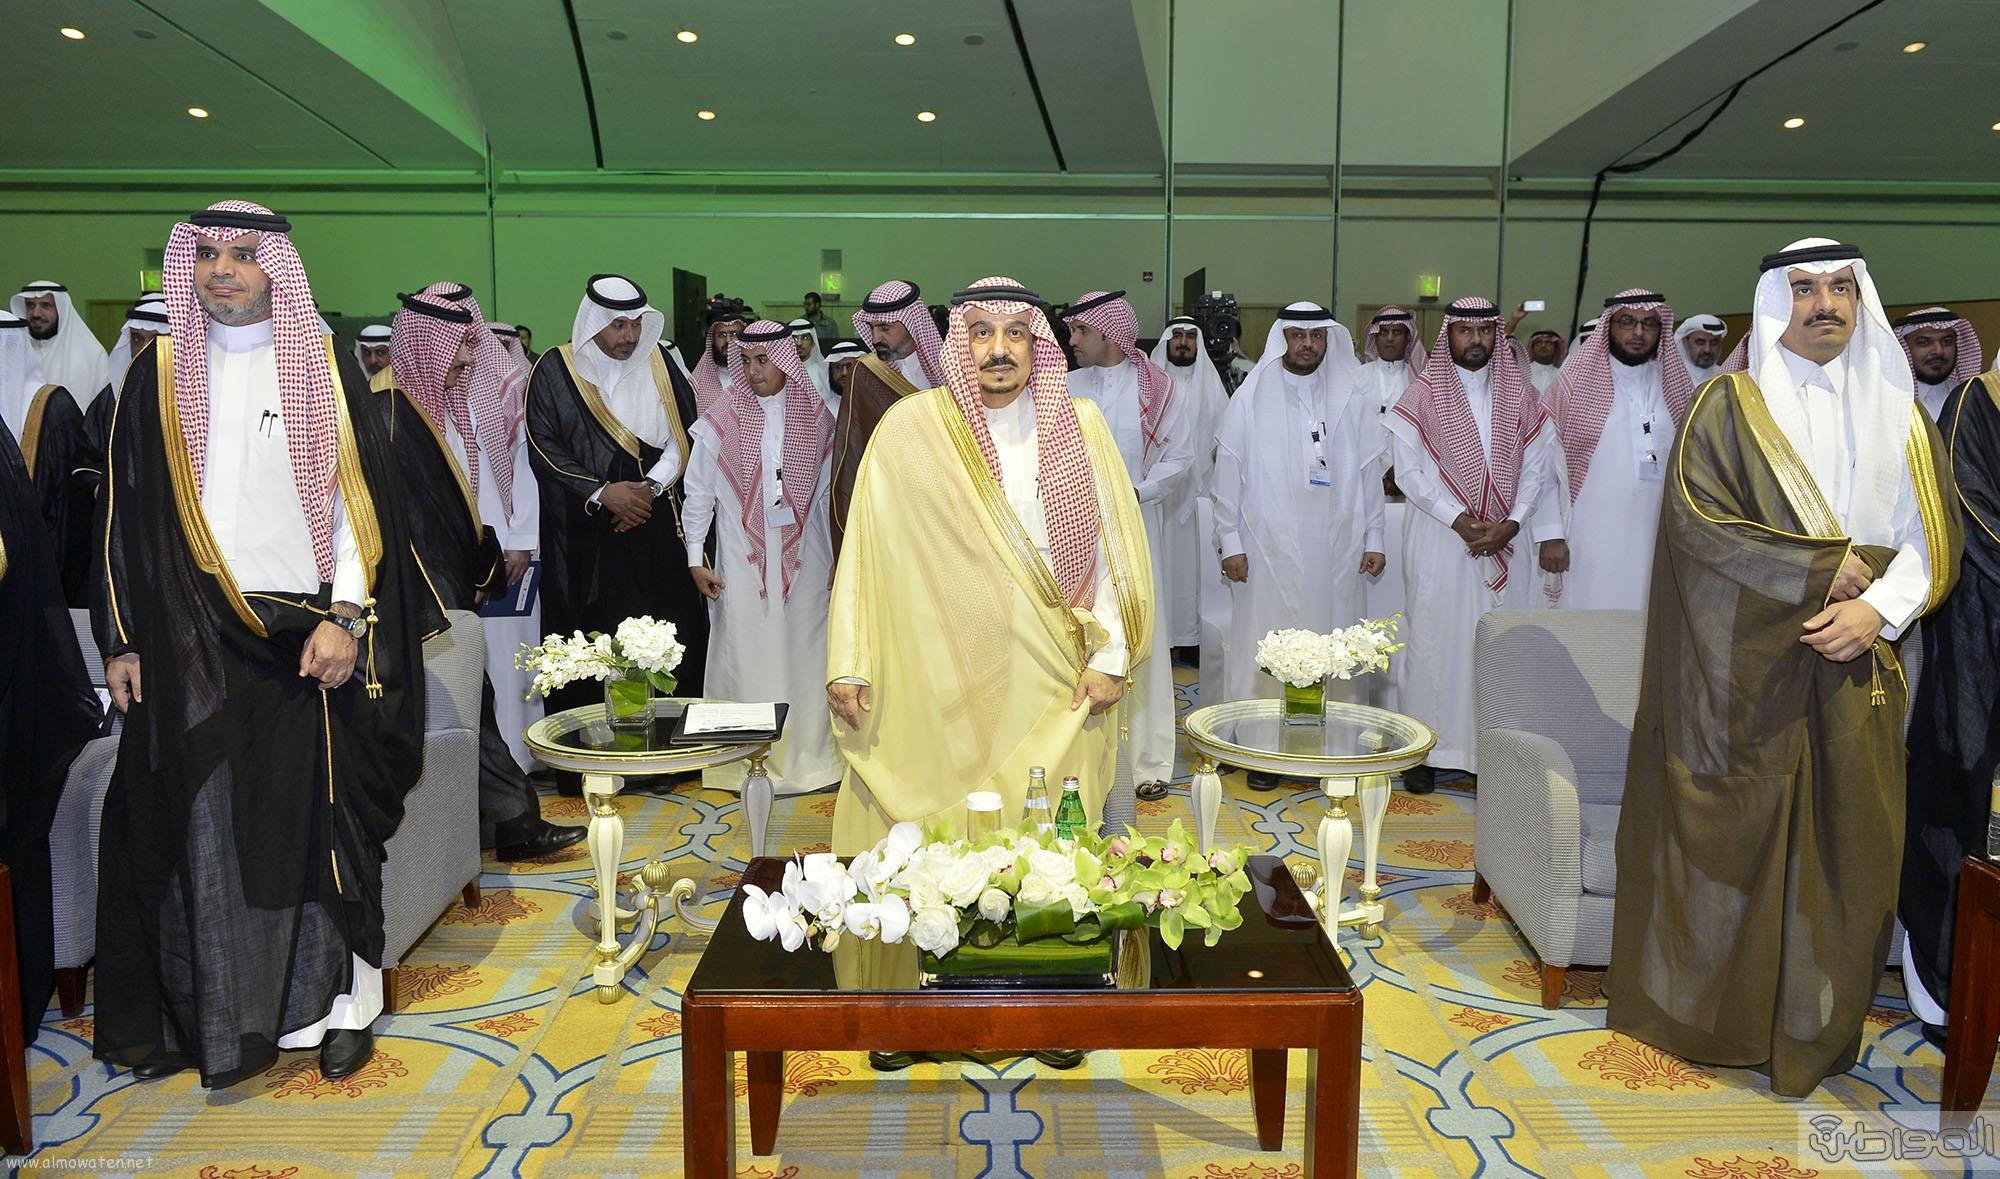 امير الرياض من ملتقي معا لانشاء جيل عالي من التعليم (1)